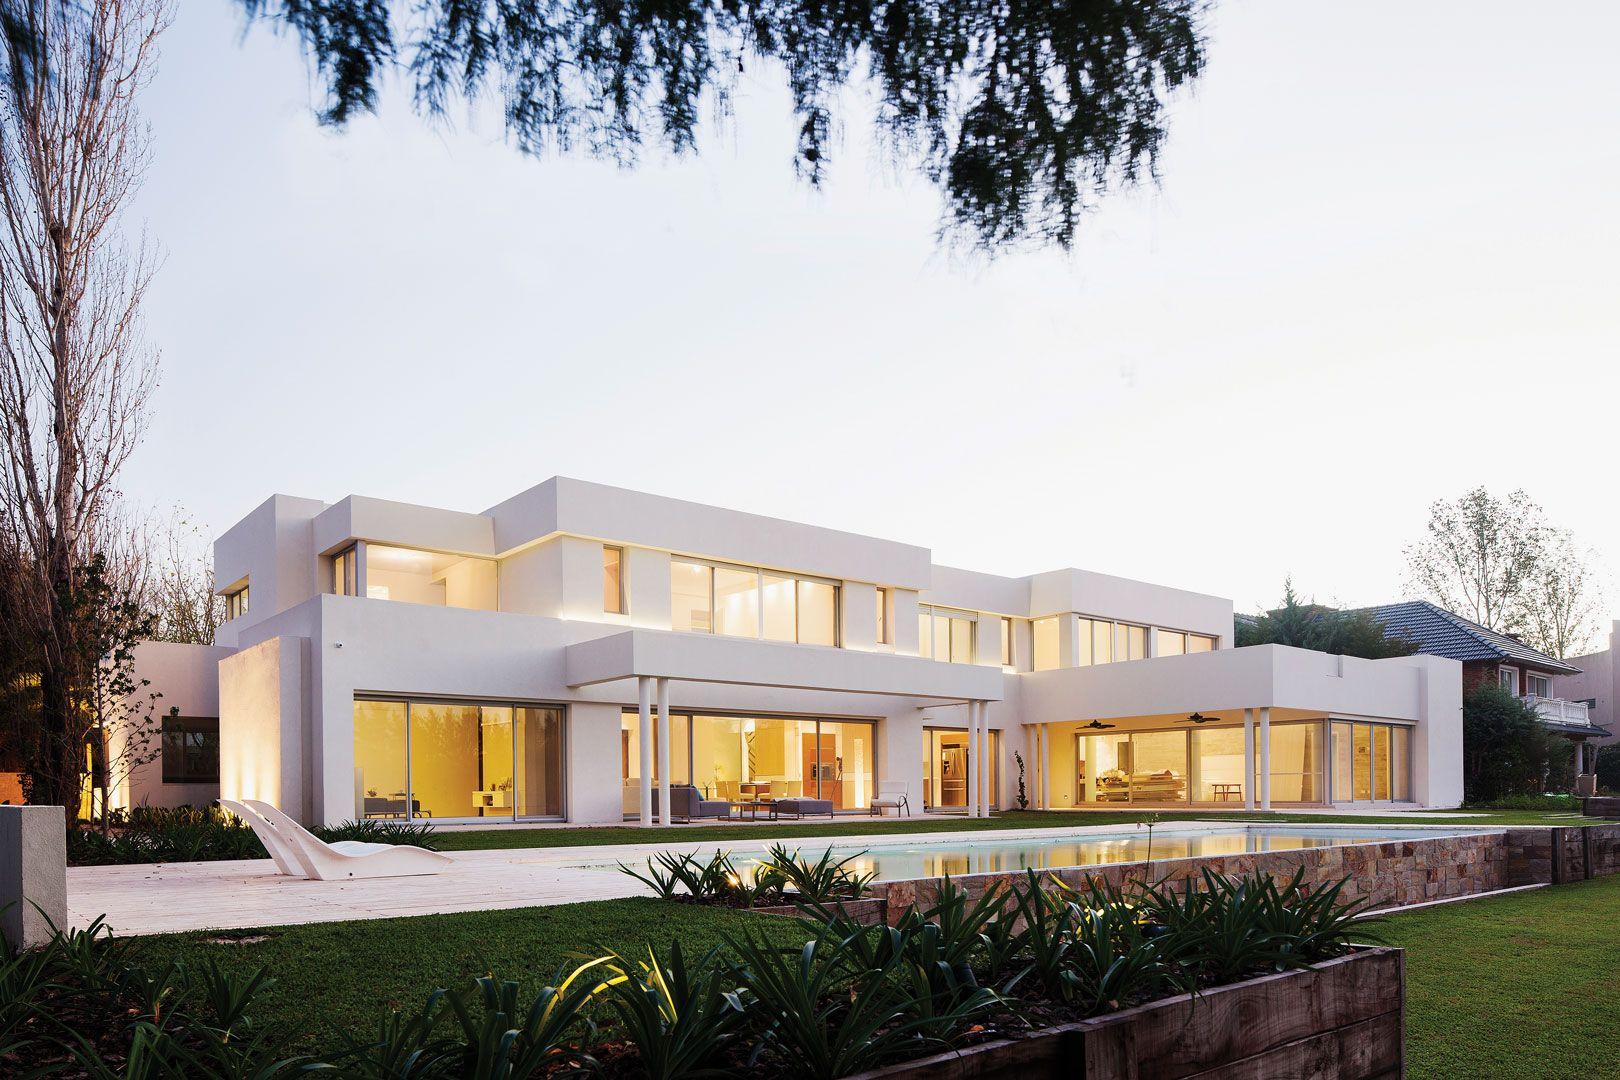 Apa Arquitectura | Casas estilo moderno, Arquitectura casas y ...